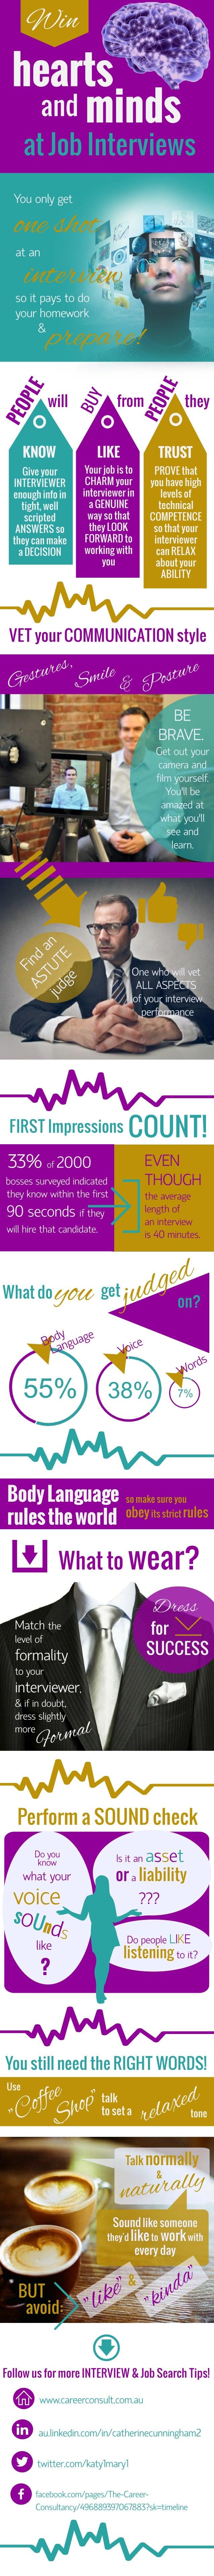 Win Hearts and Minds at Job Interviews